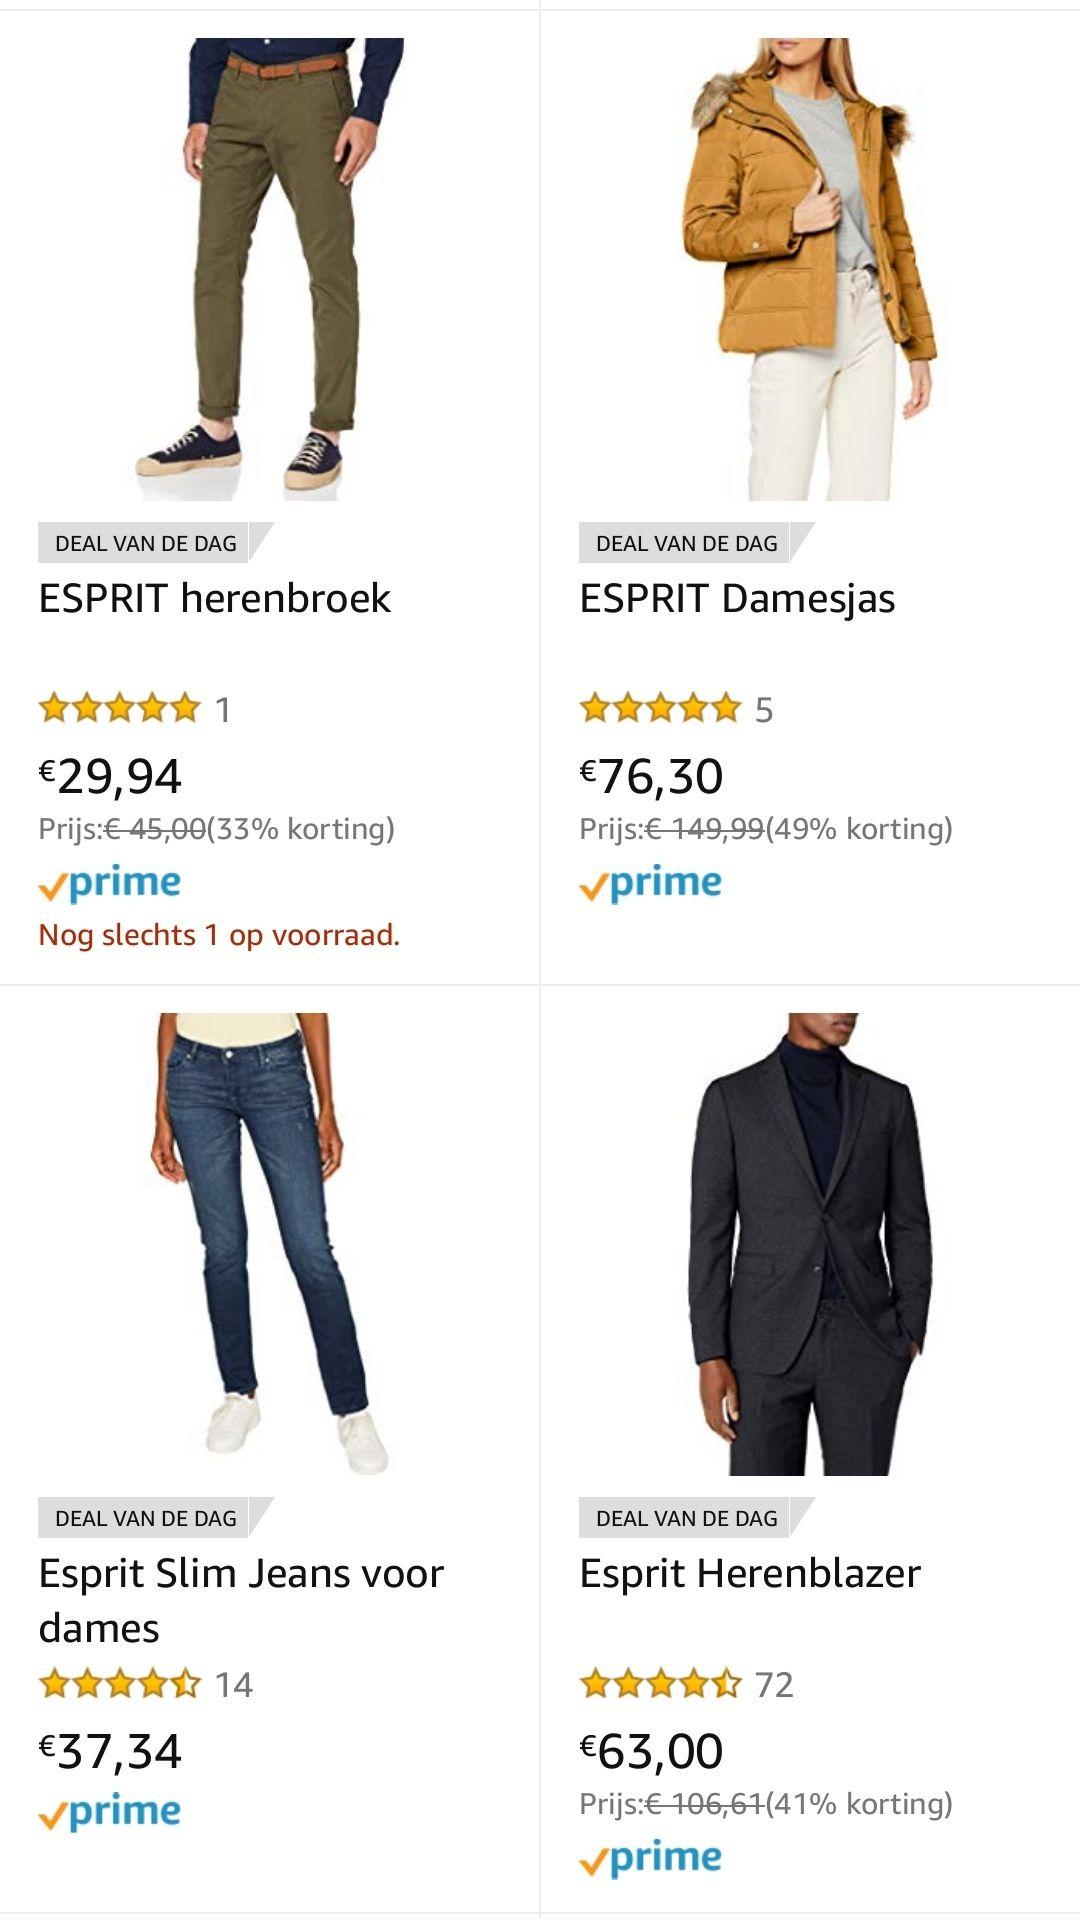 Esprit deals - kortstondig geldig